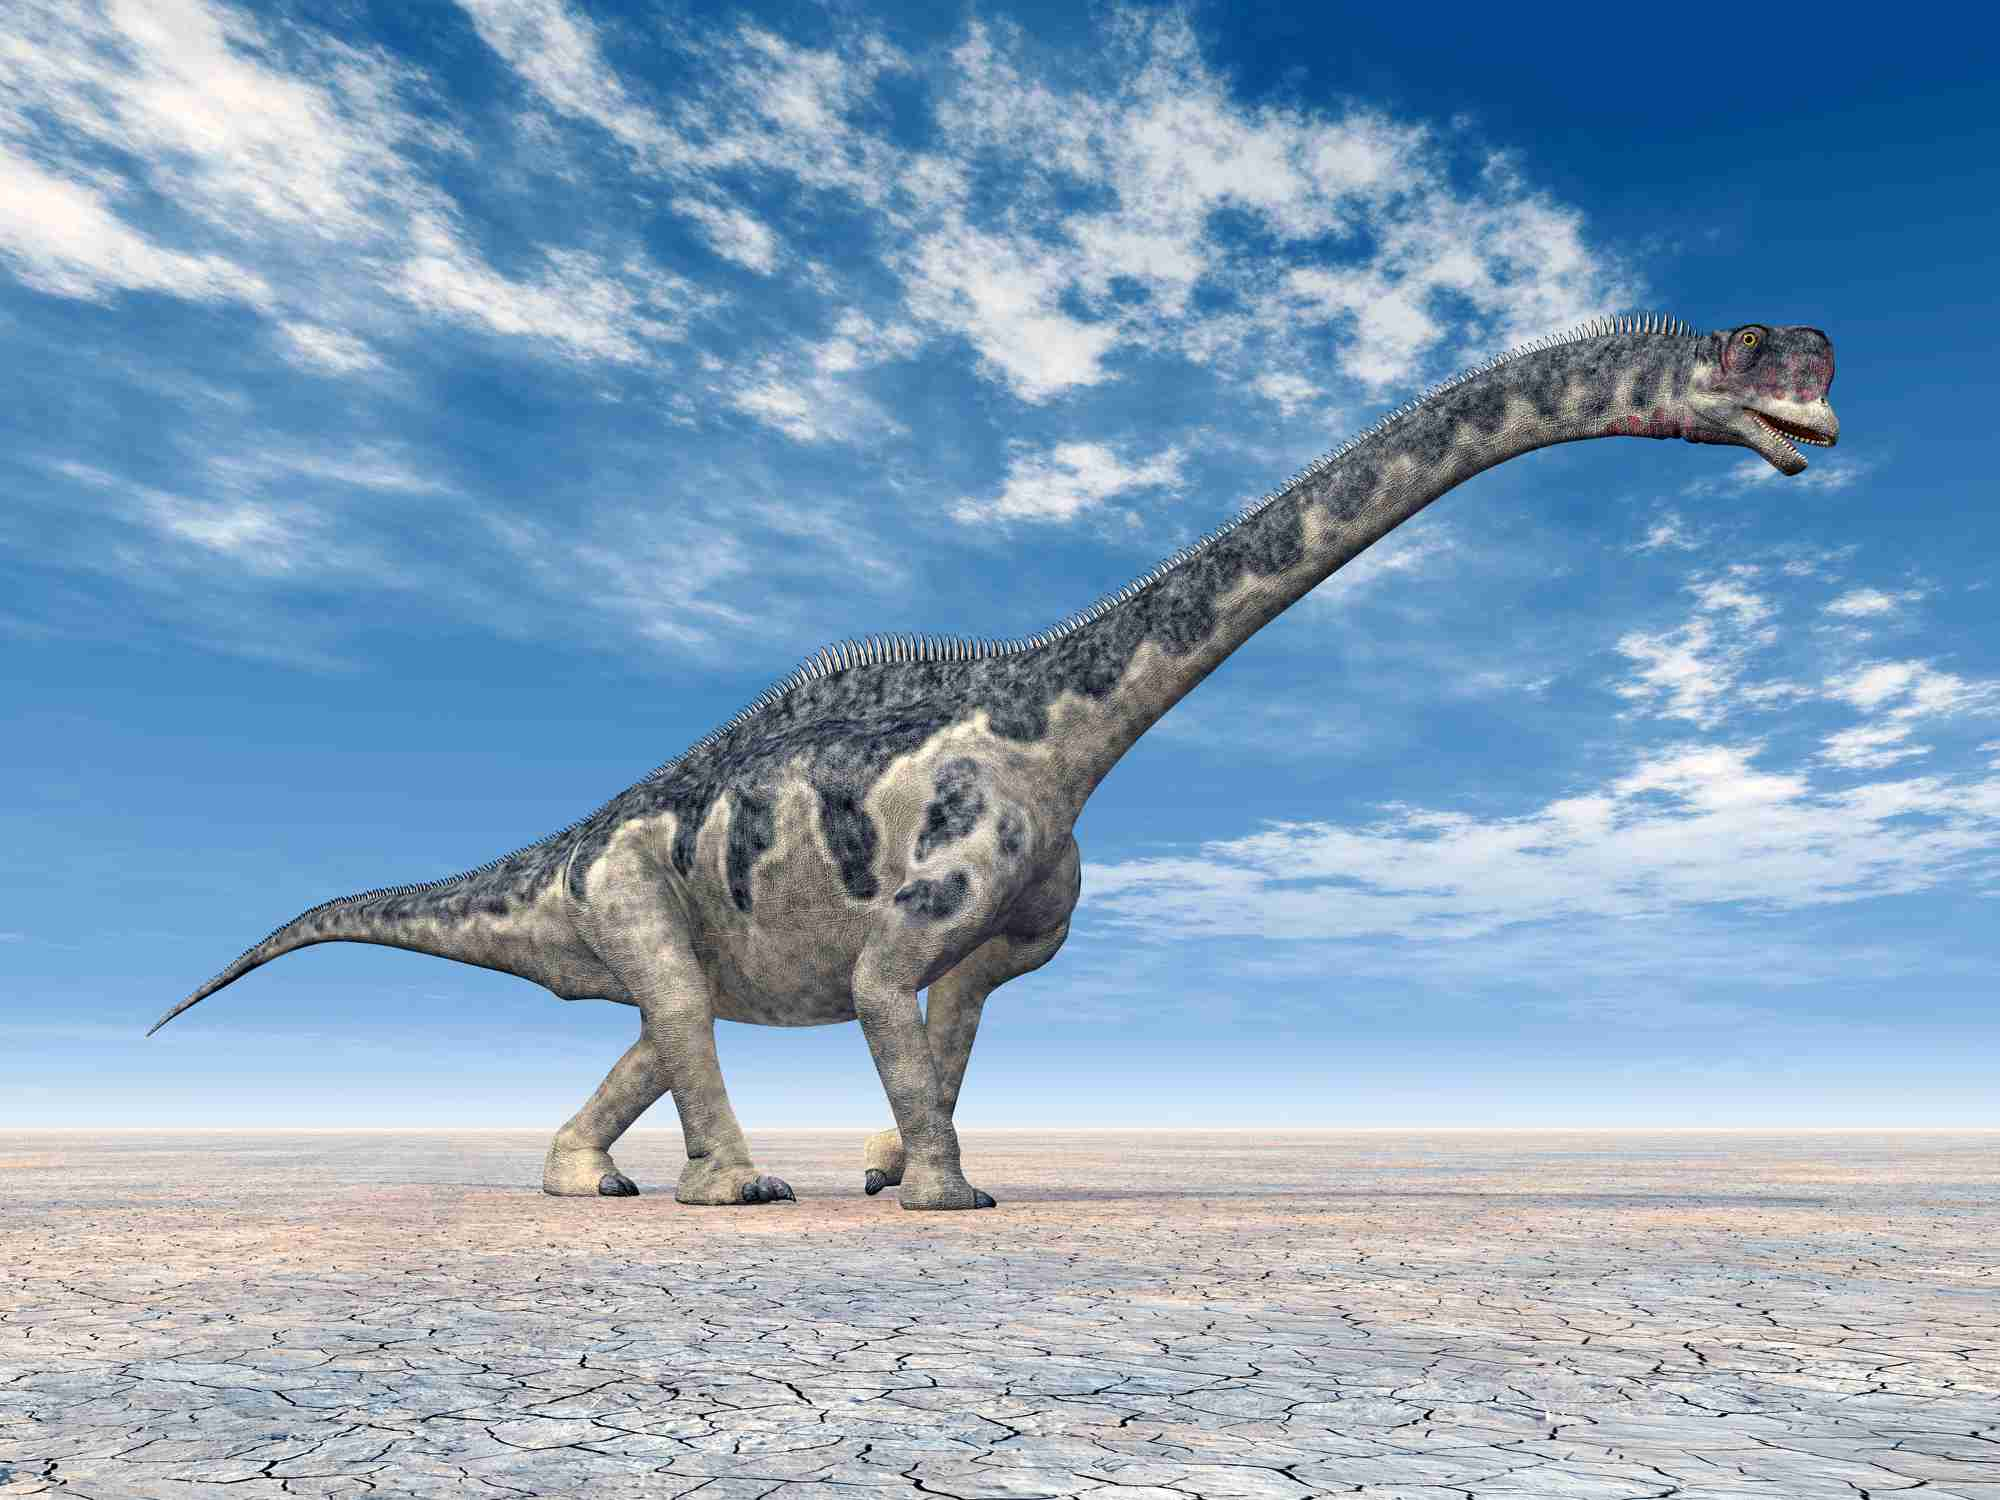 Dinosaur Europasaurus